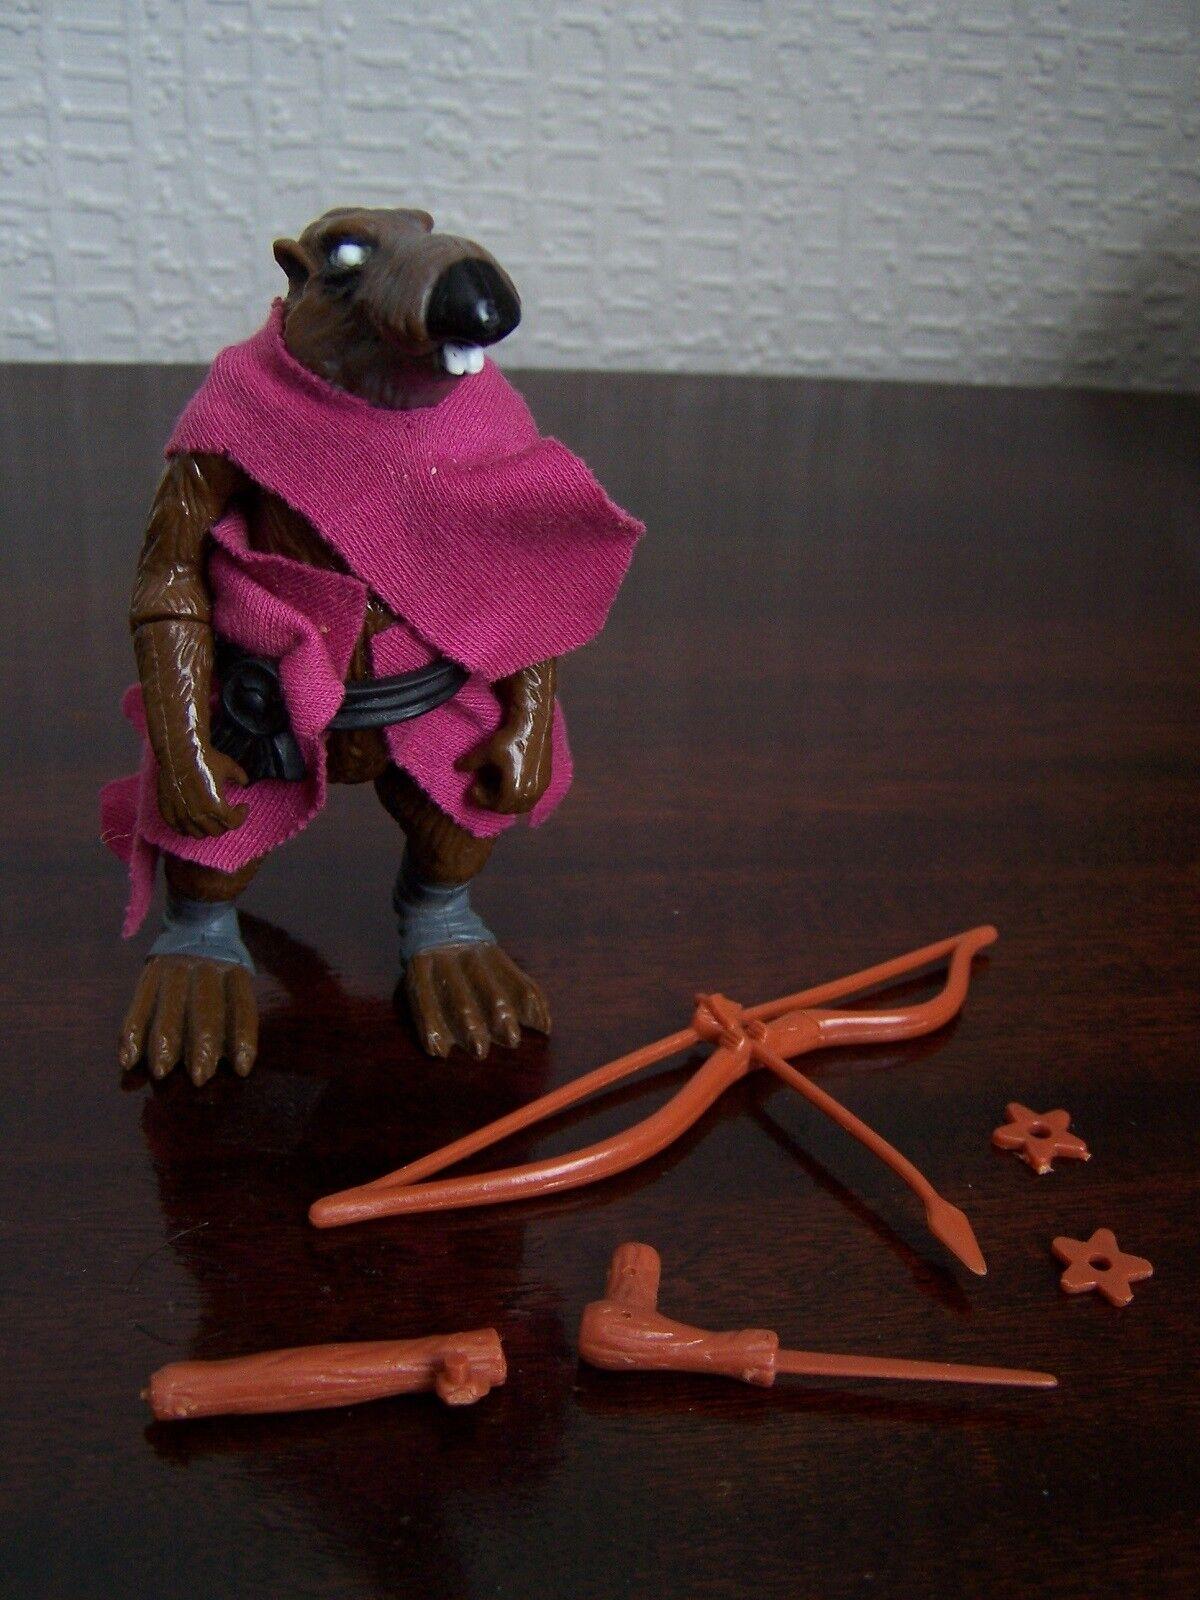 Teenage Mutant Ninja Turtles Toy: Splinter (OOP, Original Series, 1988)